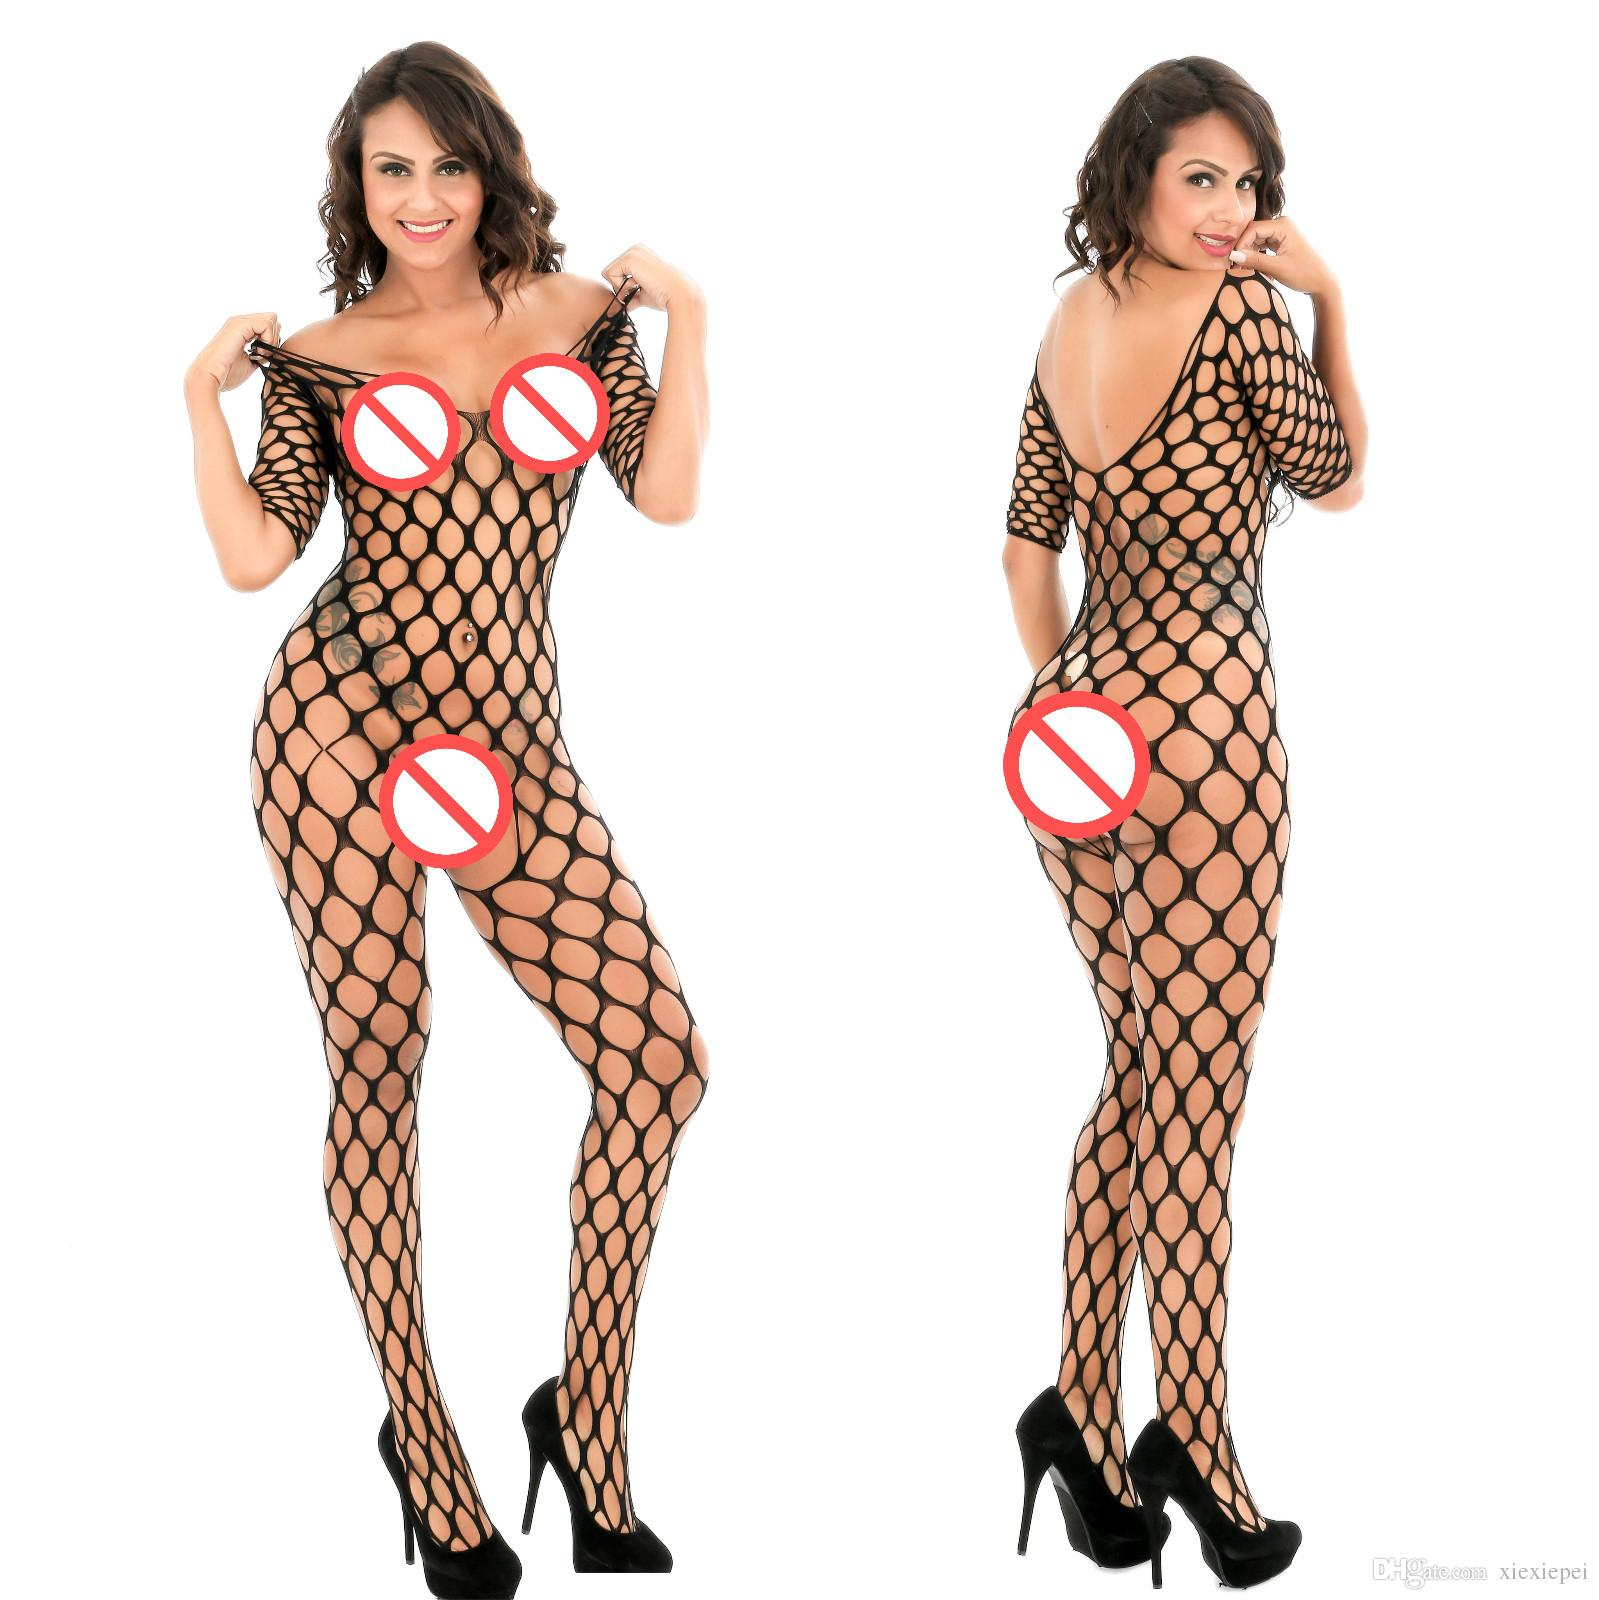 Meia-calça Mujer Mulher sexy do Fishnet Cerca Jambo diamante rede de malha manga comprida Bodystocking meias-calça Erotic Lingerie Bodysuit